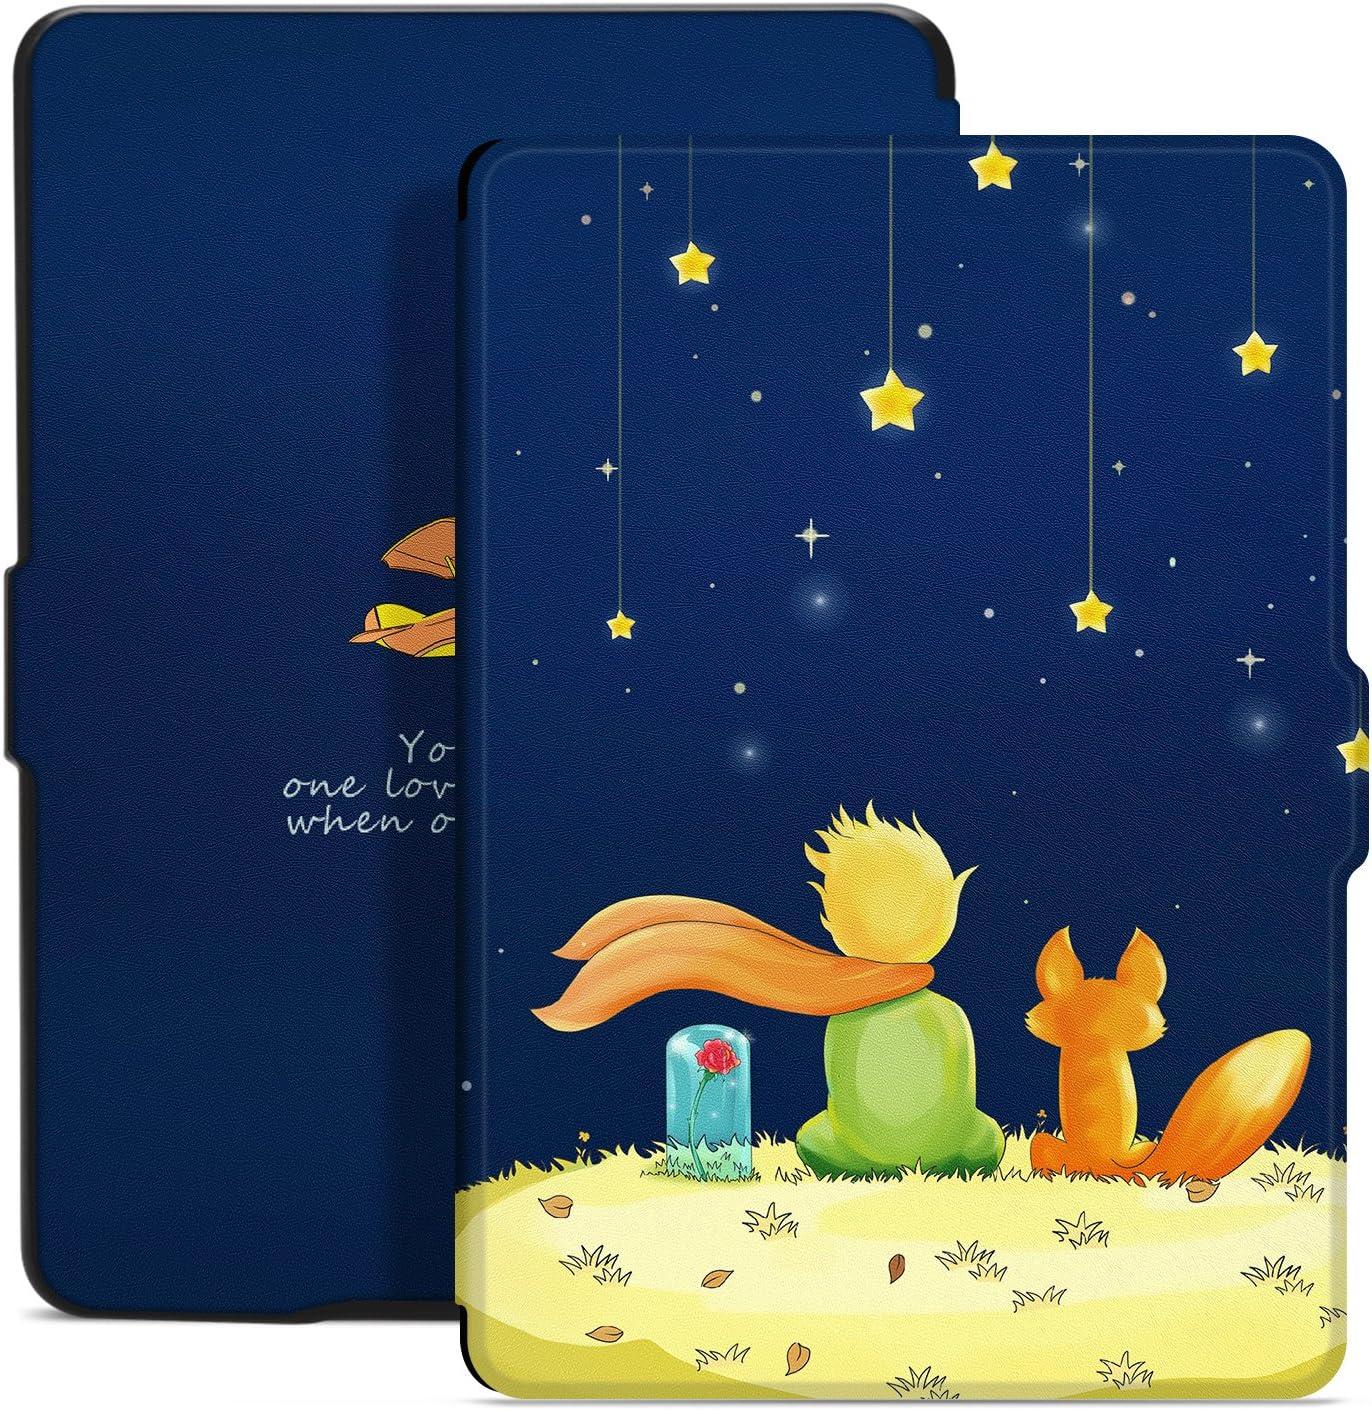 Funda de Tela Ayotu para el Nuevo Kindle Oasis de 7 10th Gen, versi/ón 2019 y 9th Gen, versi/ón 2017 adsorci/ón Fuerte y Cubierta de Tela Suave Duradera con activaci/ón//Reposo autom/ático Azul